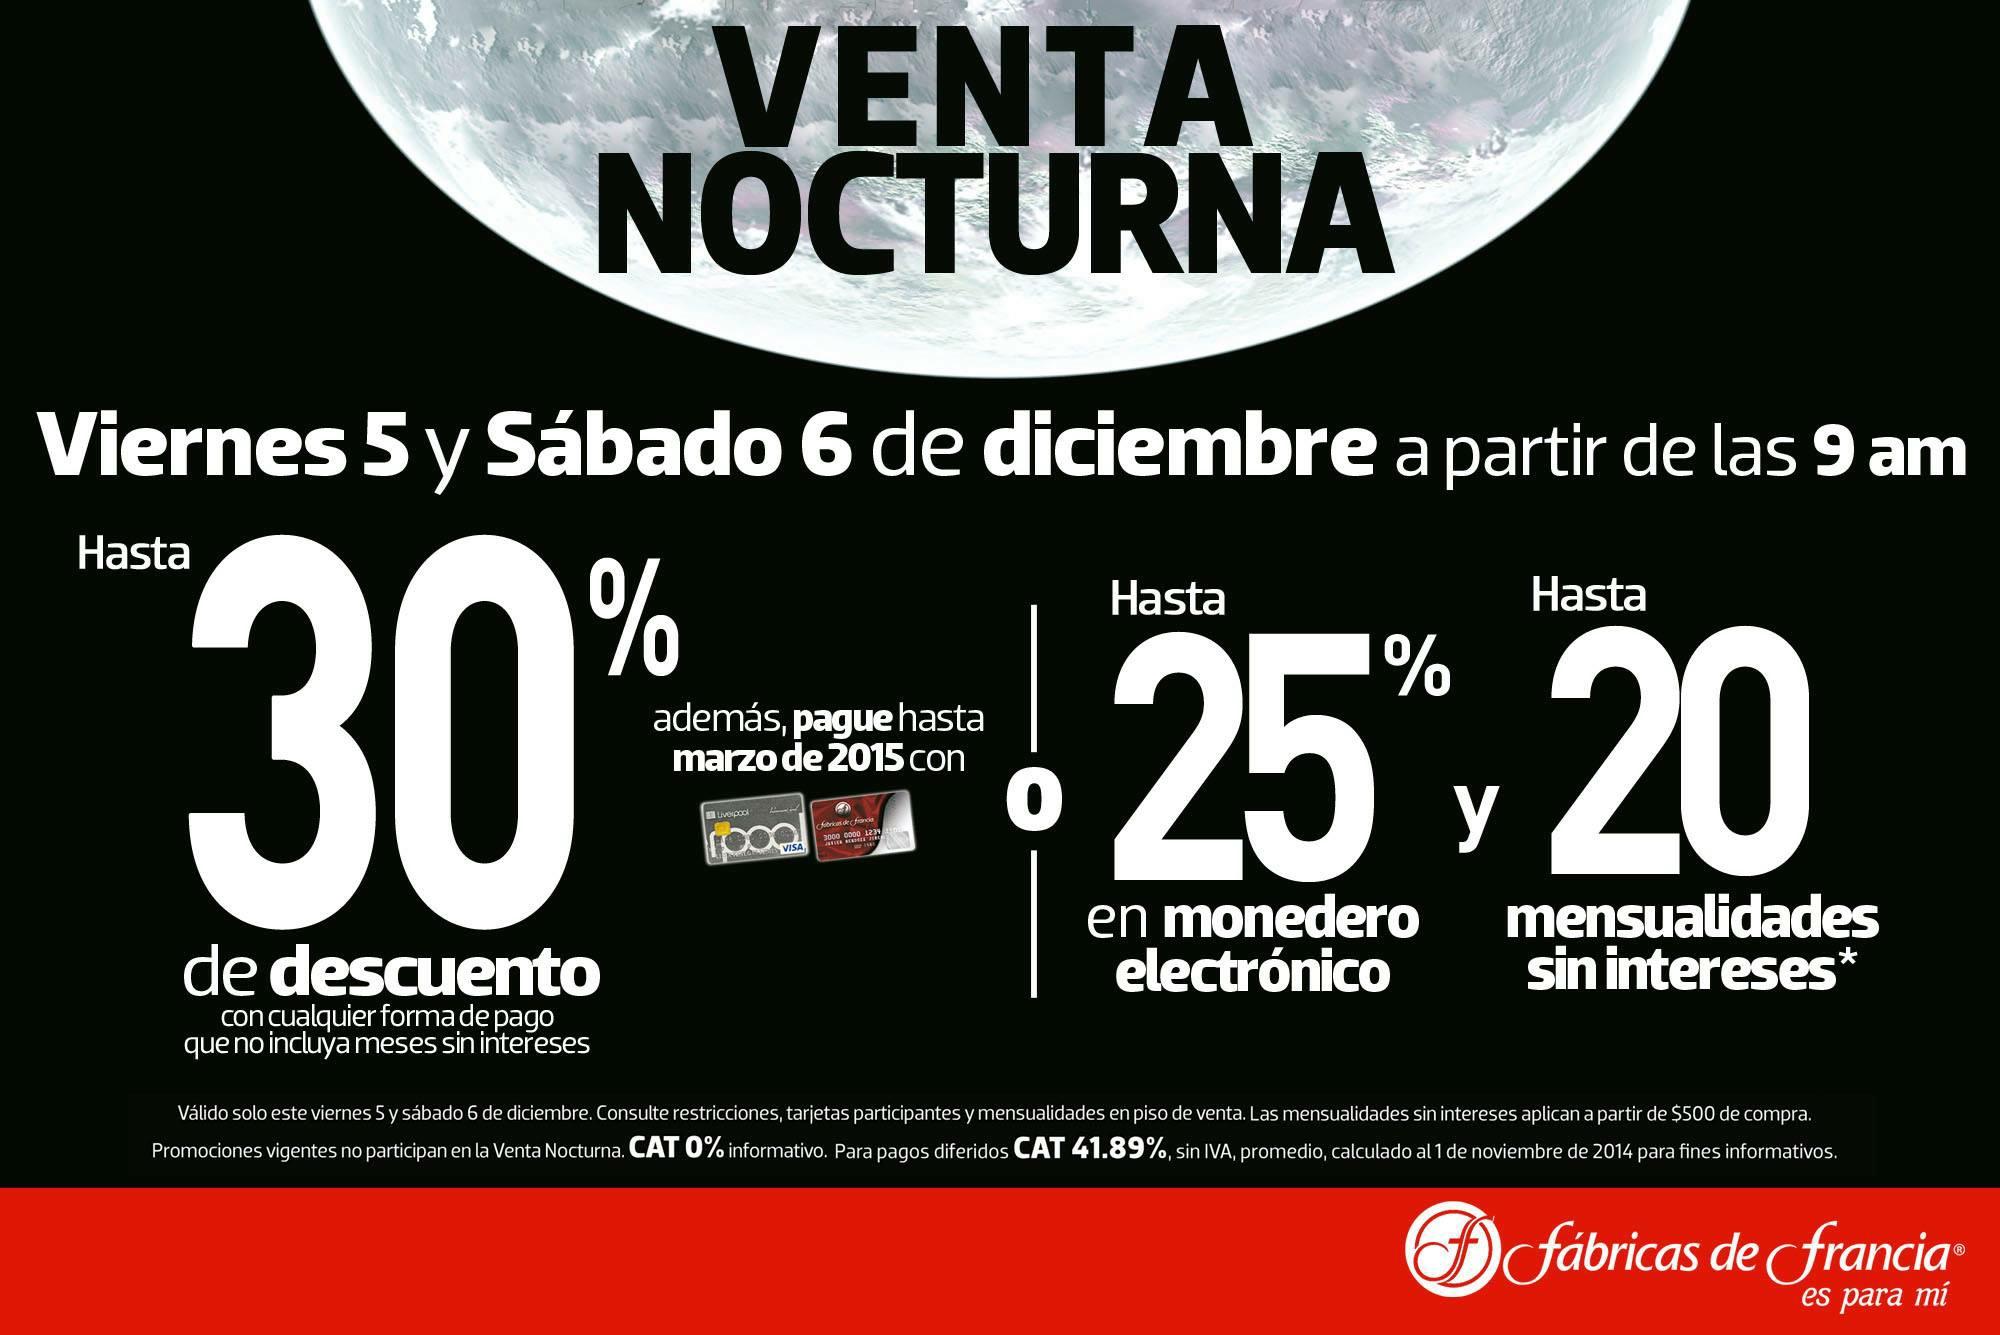 Venta Nocturna Fábricas de Francia (Liverpool Online) Diciembre 2014